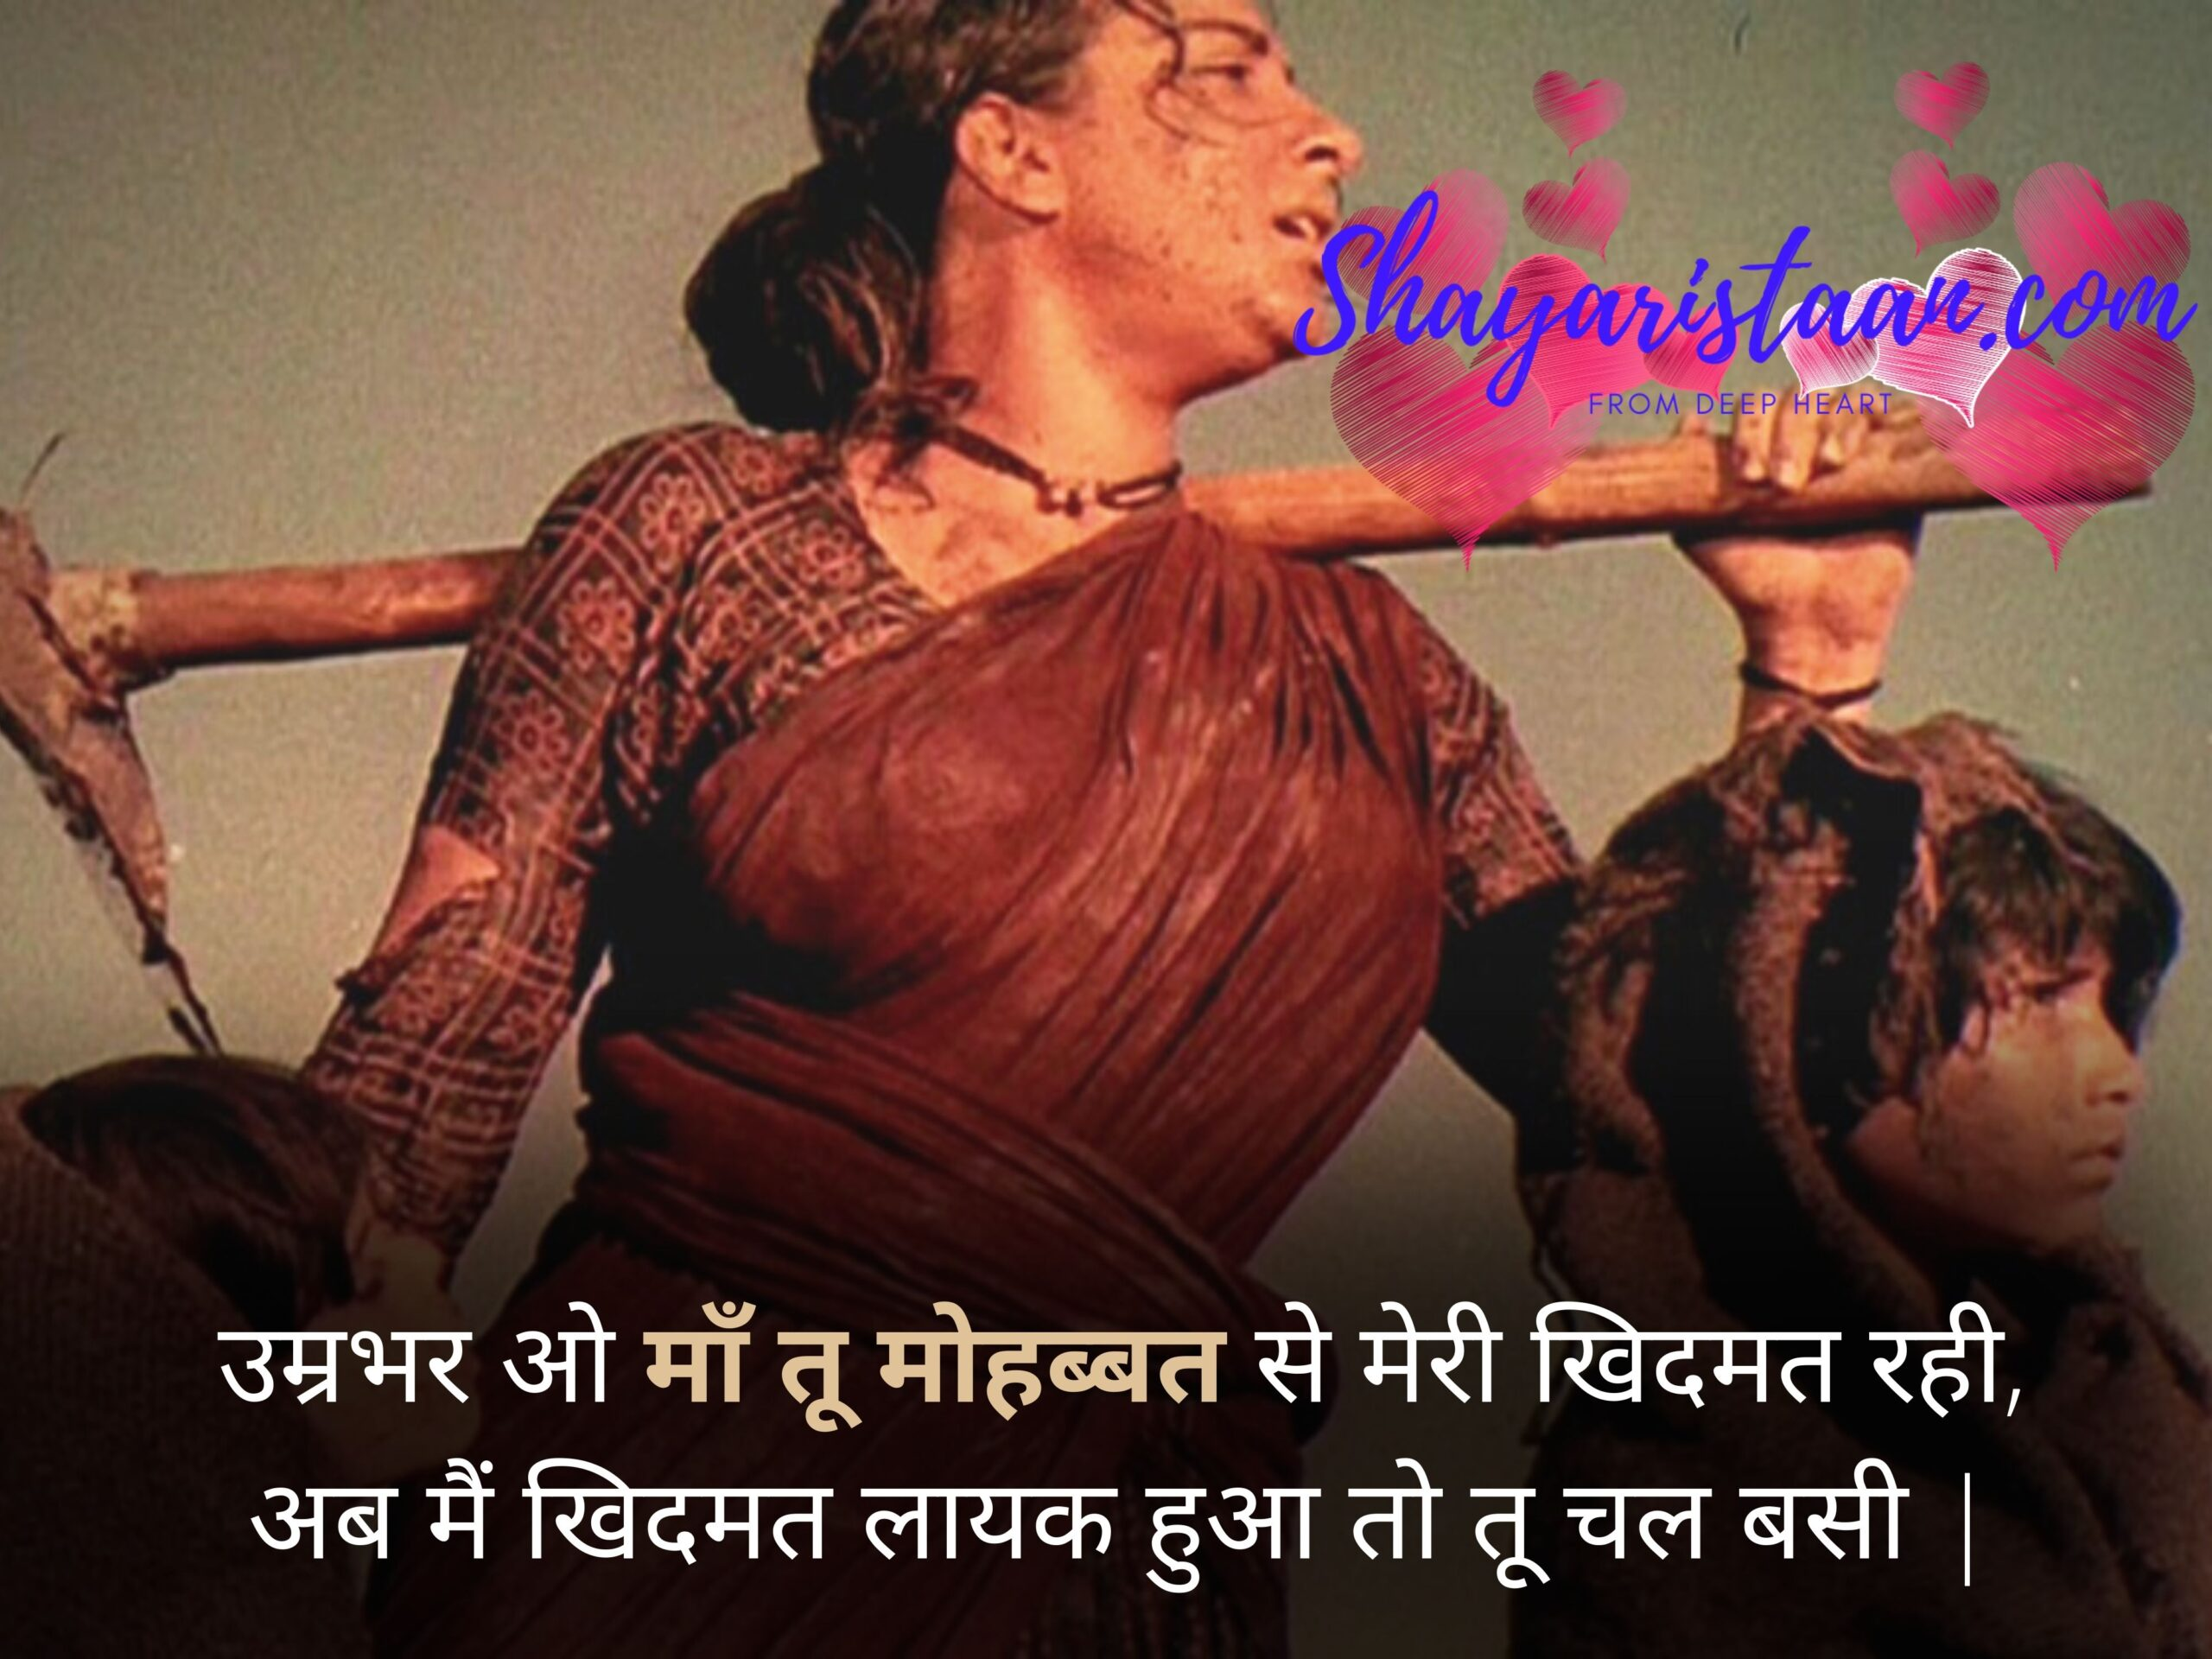 mother quotes in hindi   उम्रभर ओ माँ तू मोहब्बत से मेरी खिदमत रही, अब मैं खिदमत लायक हुआ तो तू चल बसी  